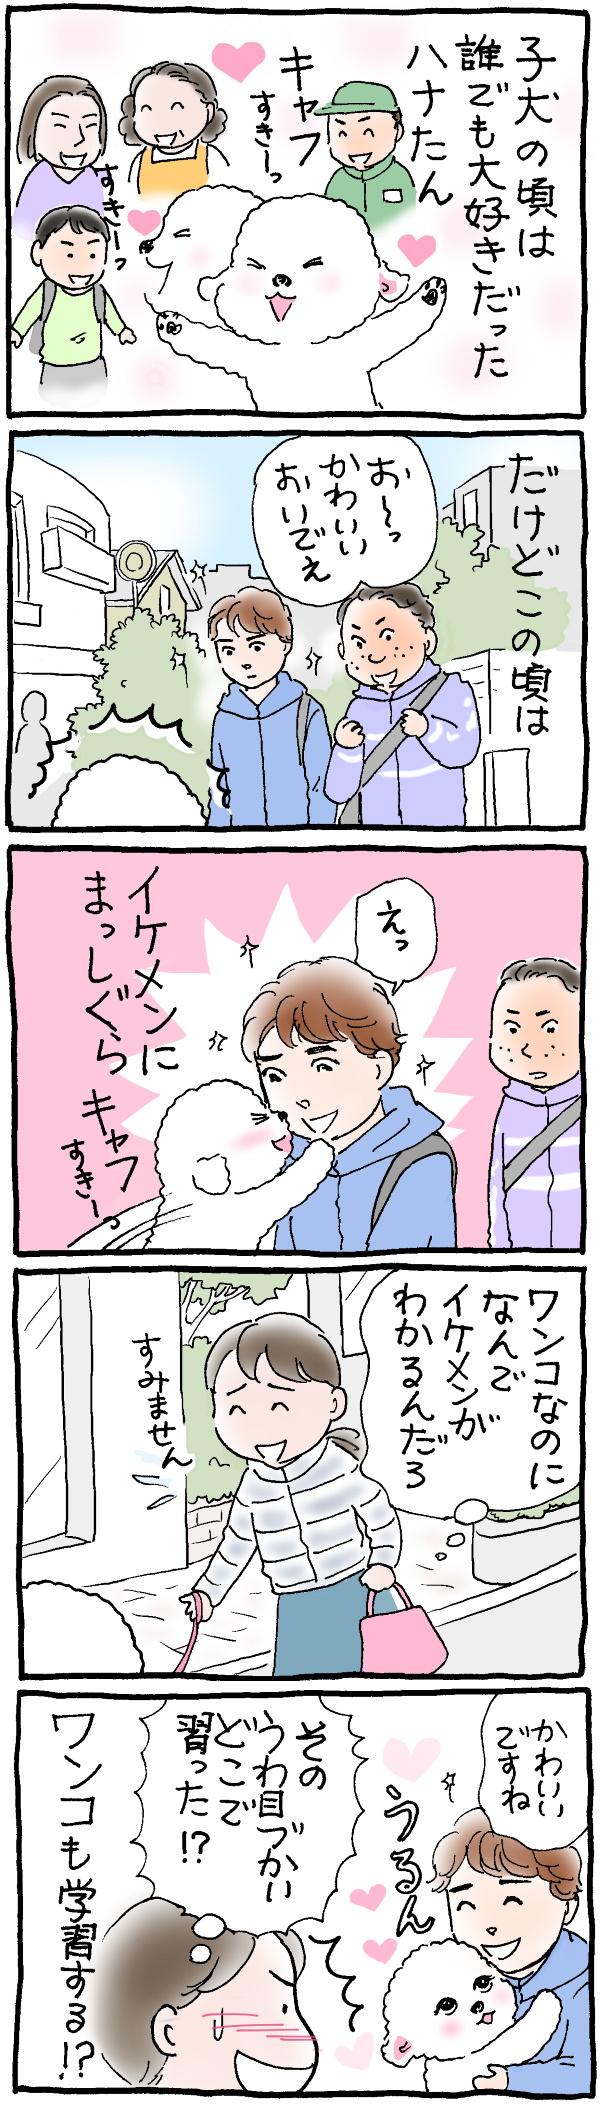 イケメン好きなハナちゃん